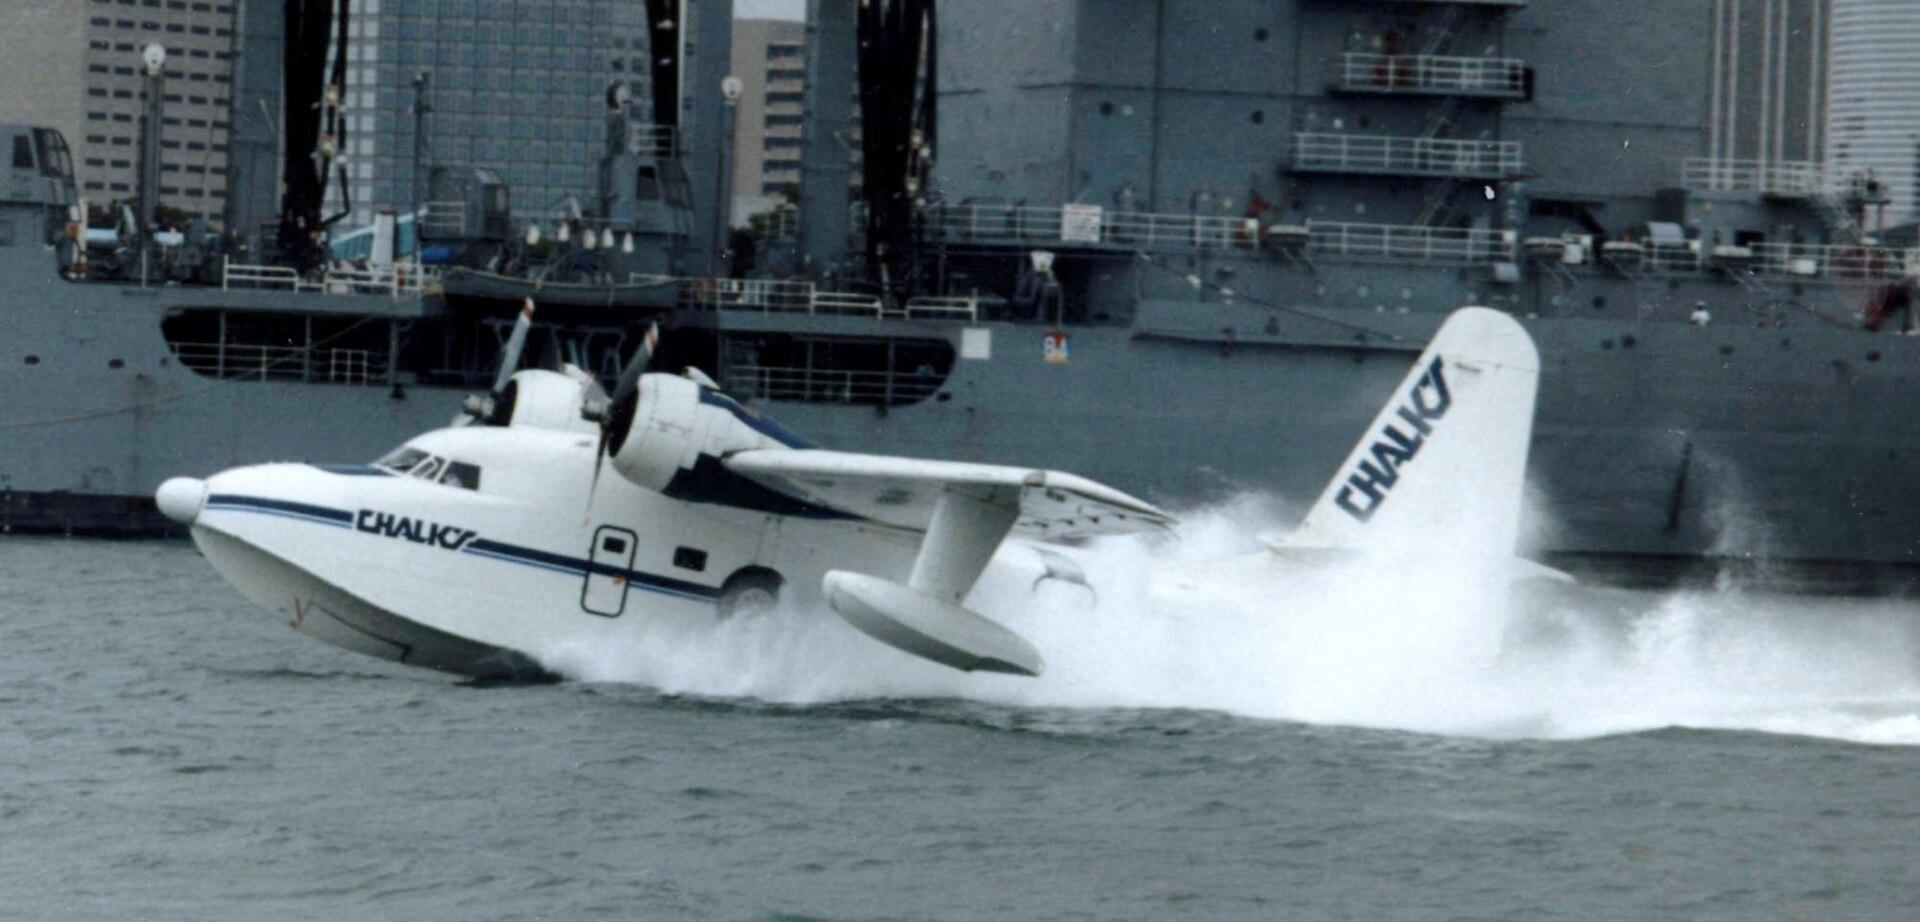 seaplane wikipedia